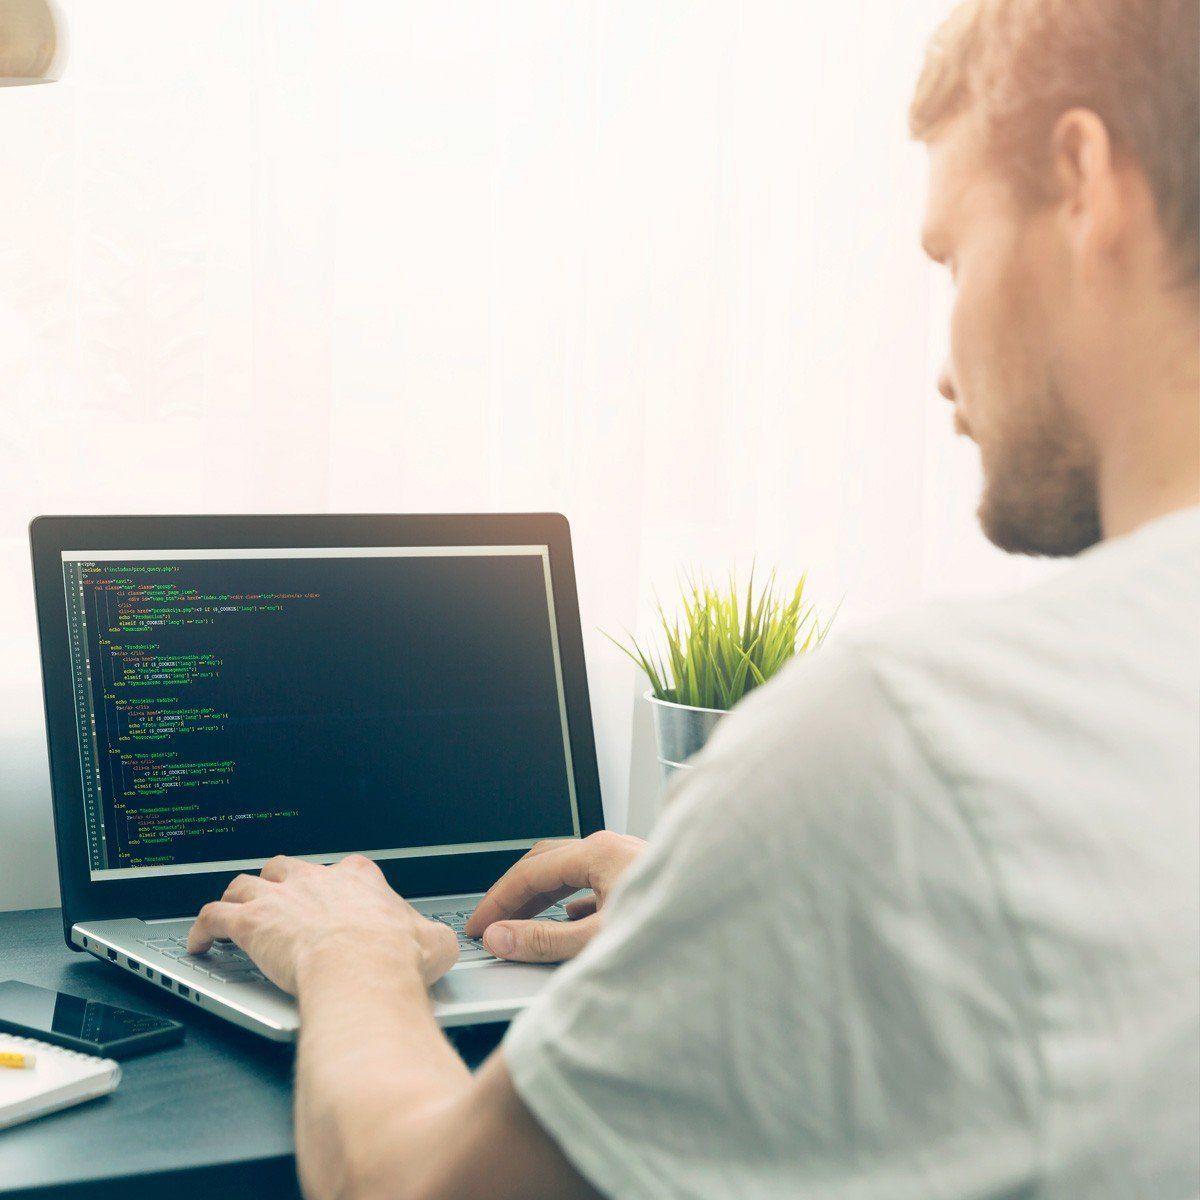 Desenvolvimento de Aplicações Web  - PUC Minas